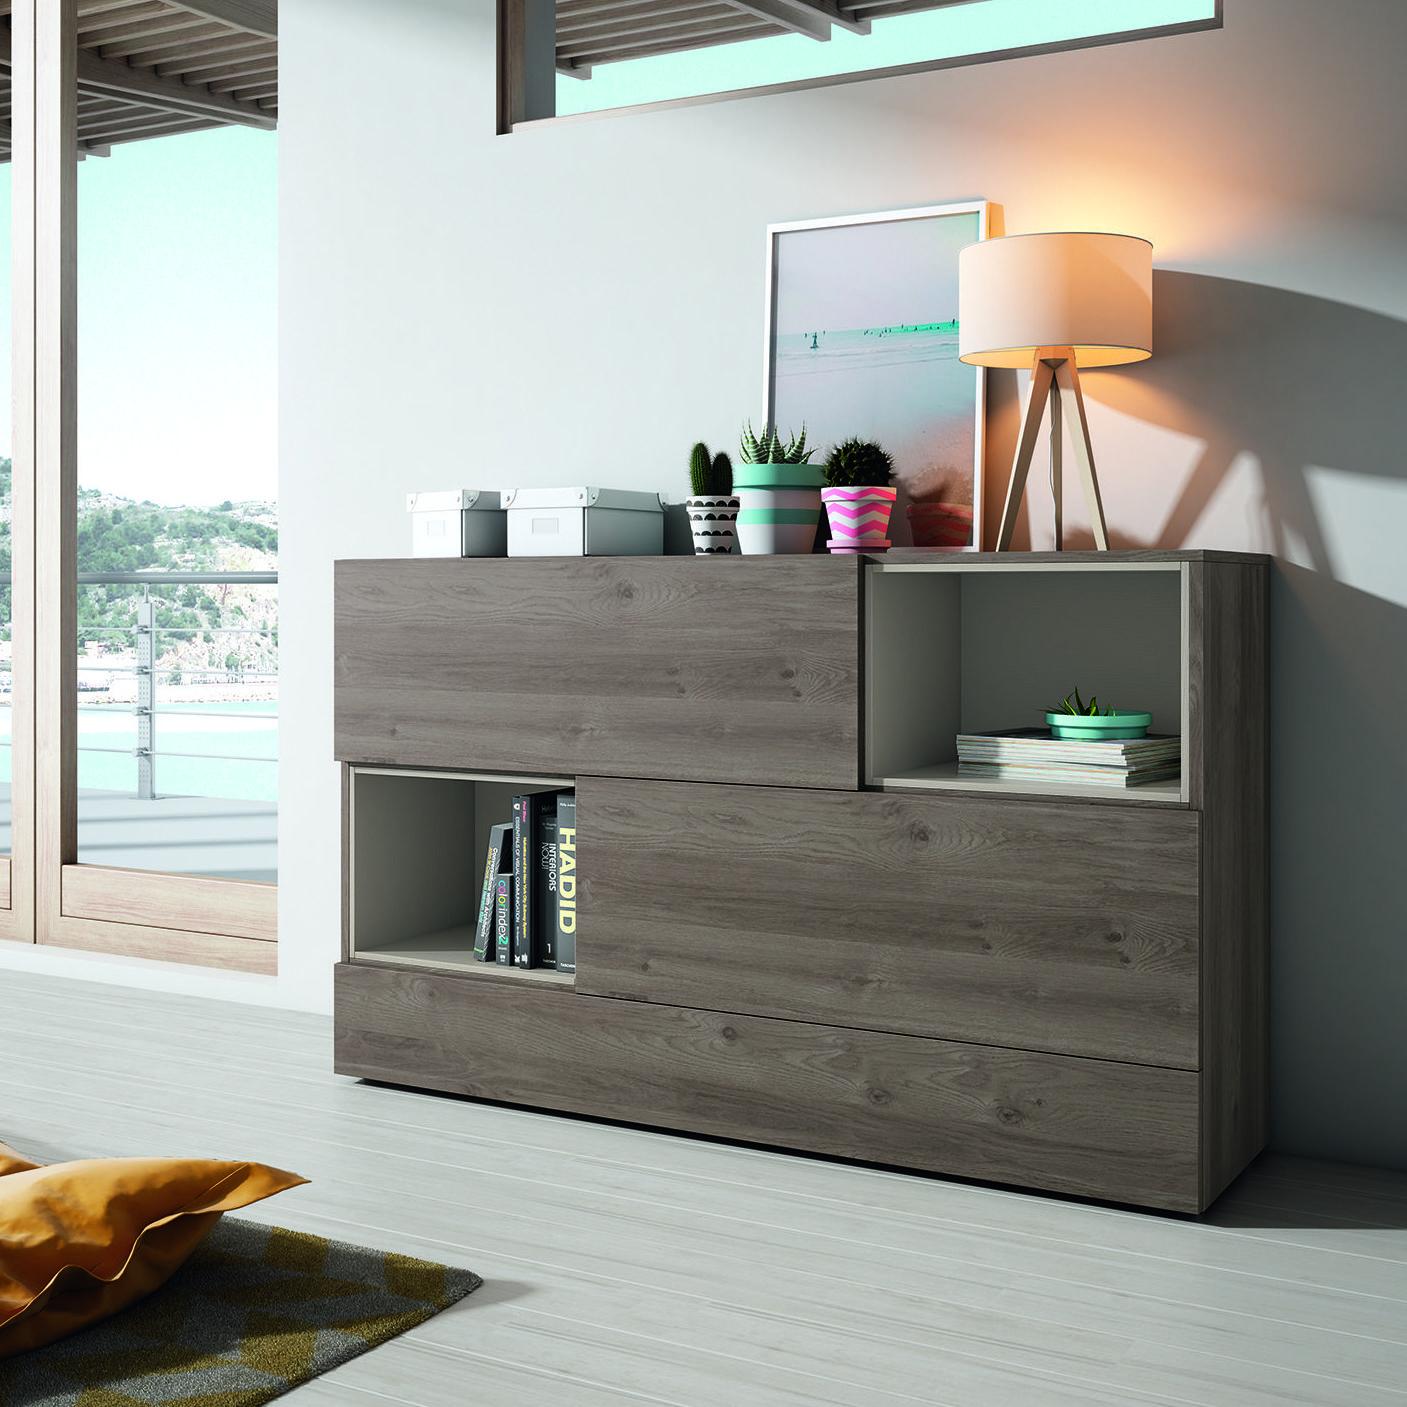 Foto 23 de Muebles y decoración en València | ilumueble